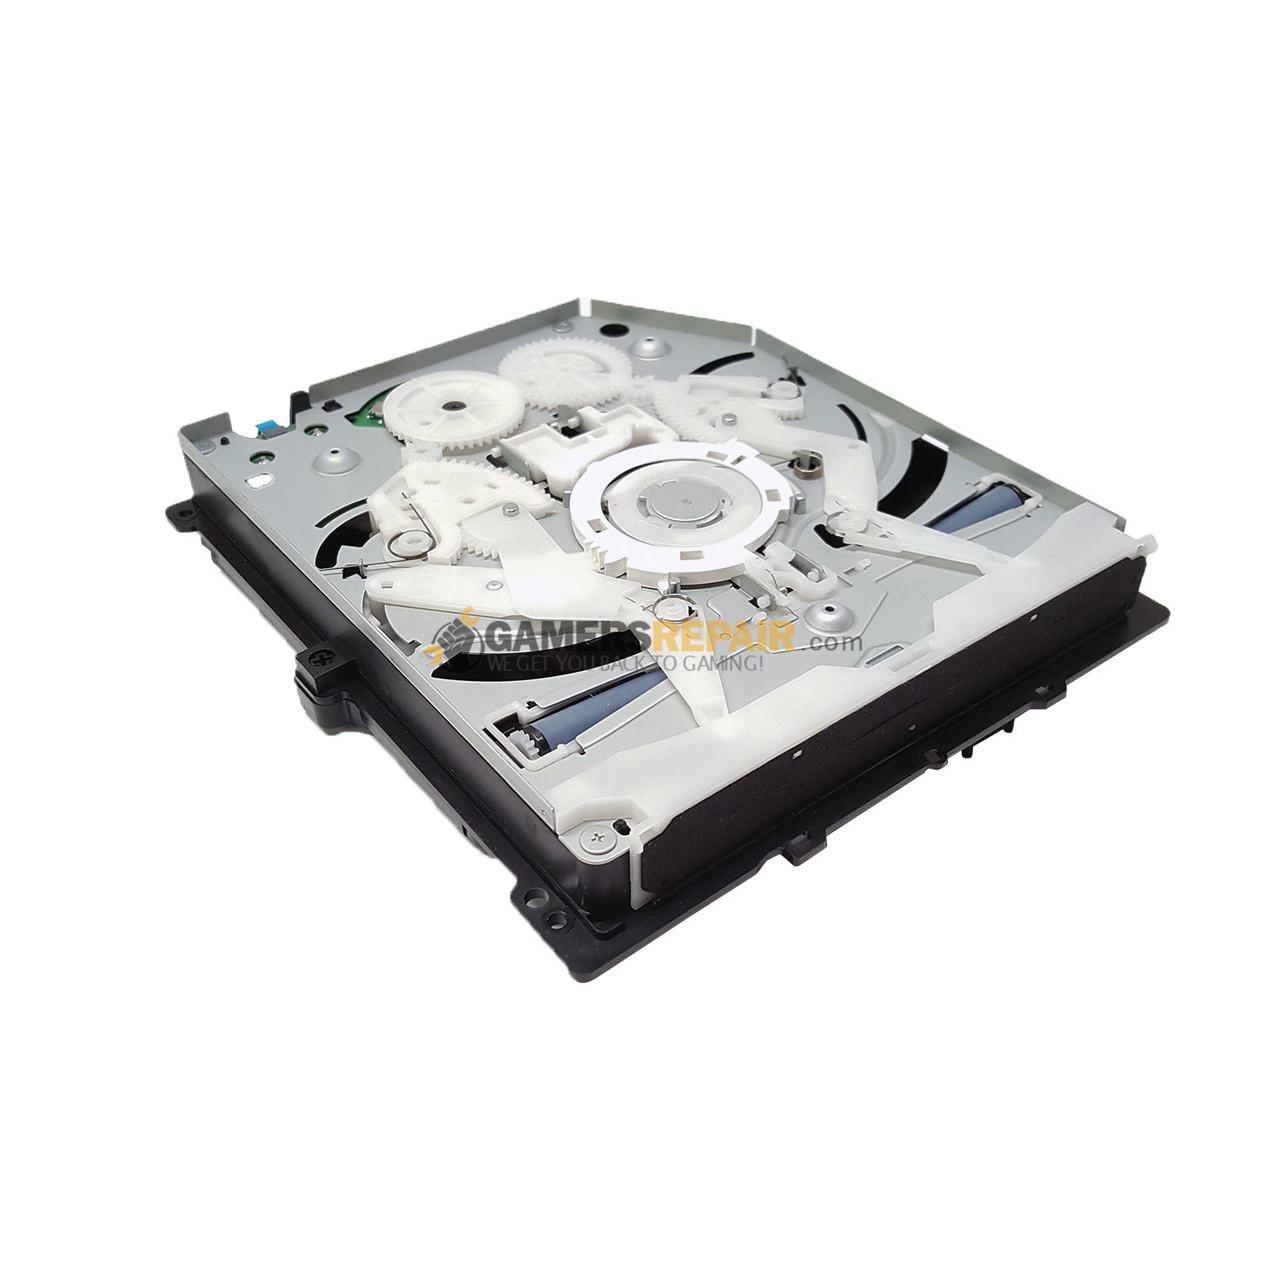 PS4 Disc Drive Replacement (BDP-010) - Gamers Repair